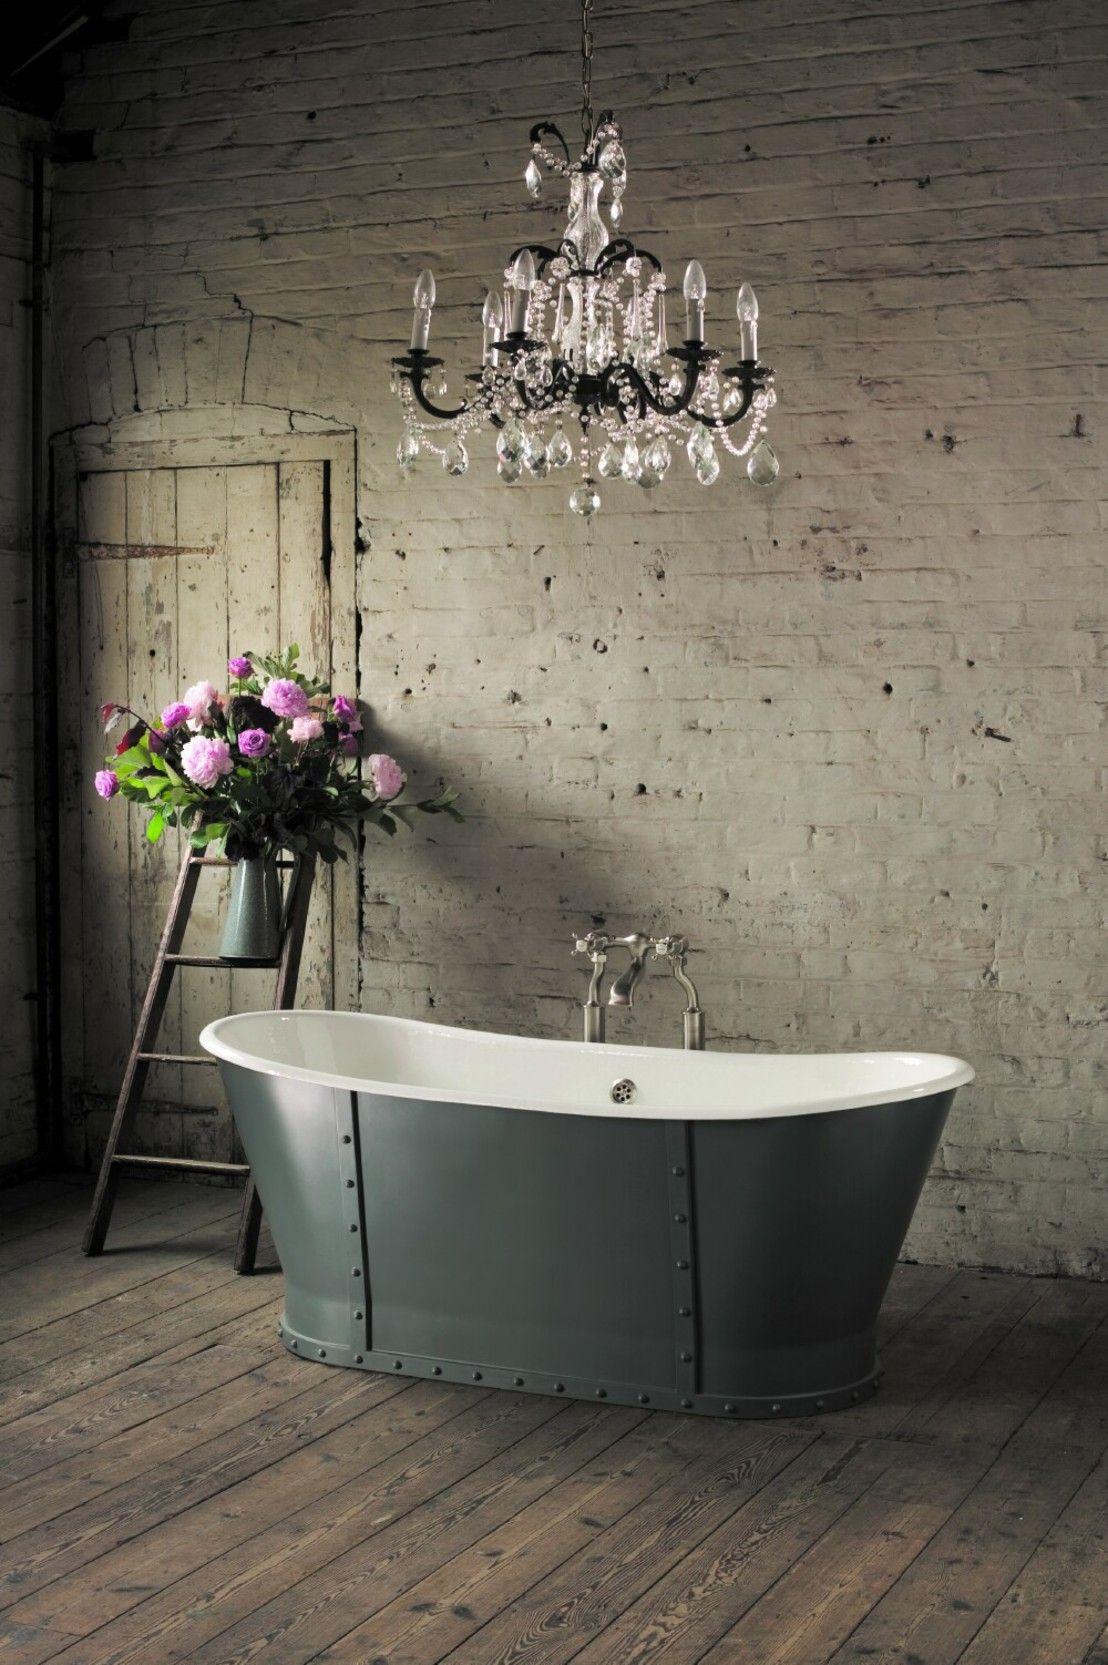 Vintage Style Badezimmer Dekorationsideen Tipps Badezimmer